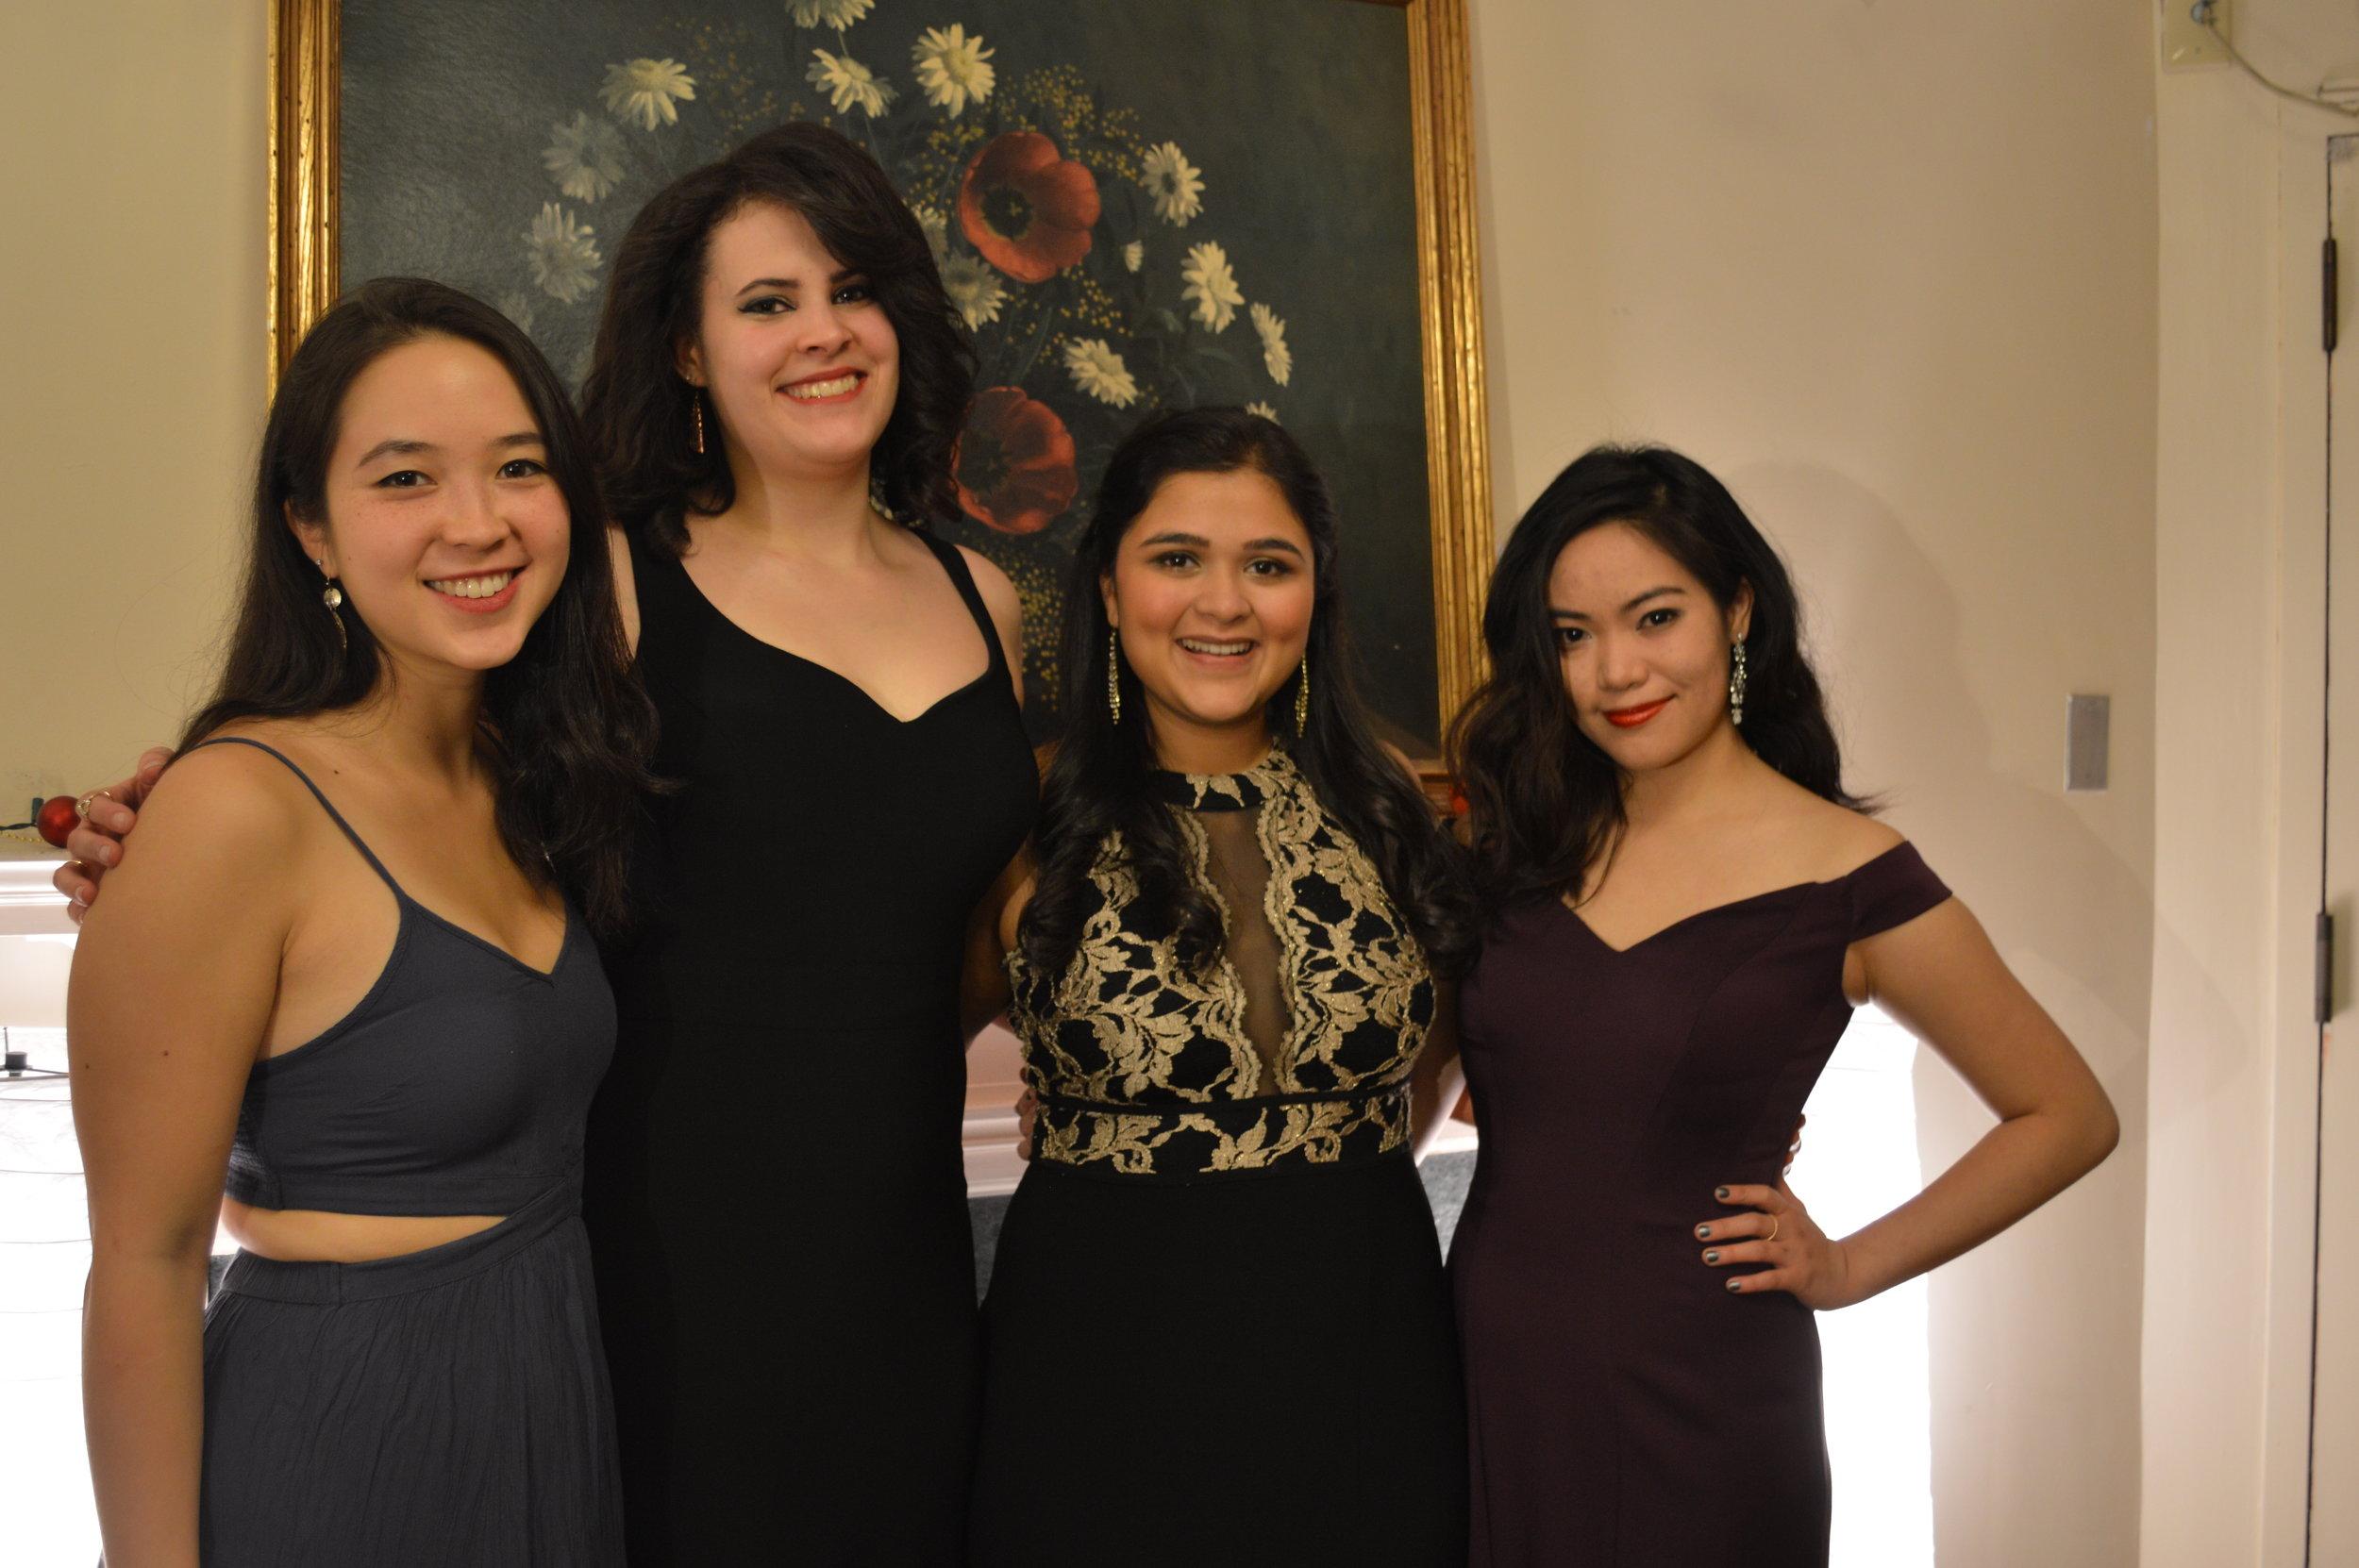 Diksha and her suitemates.